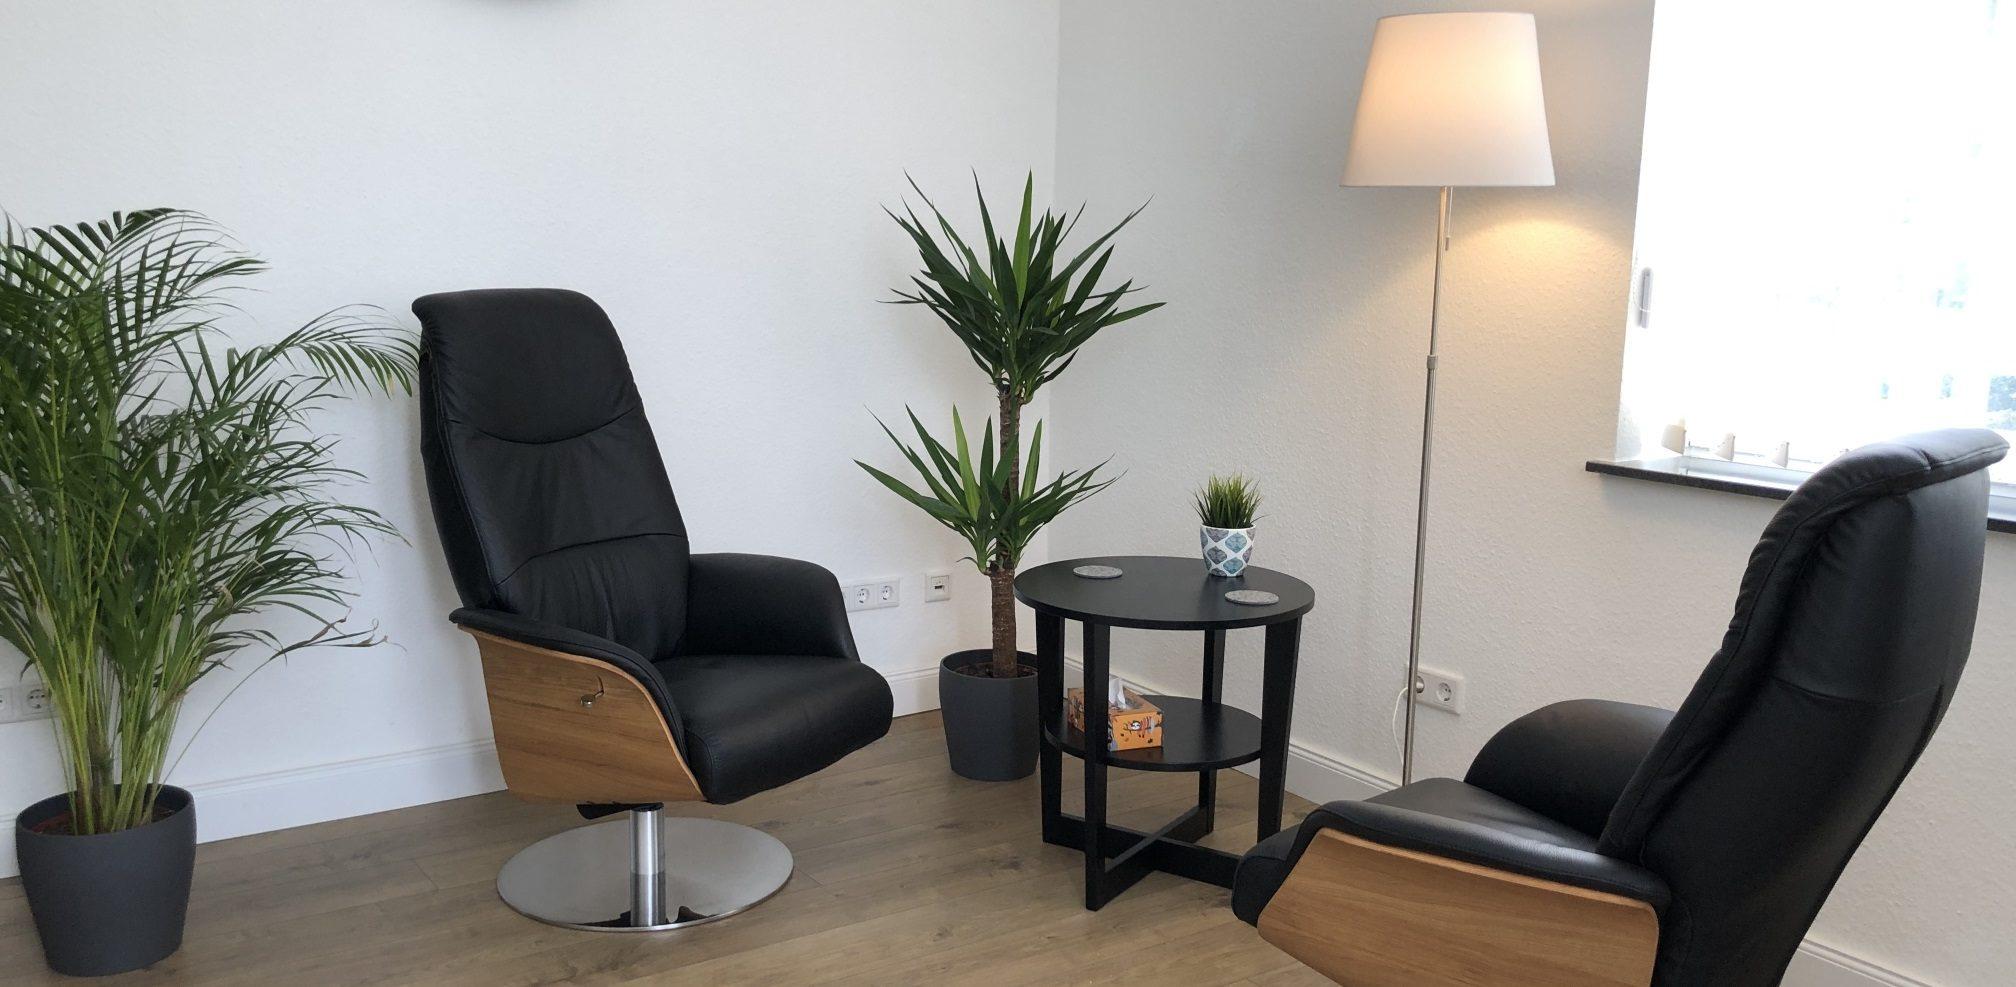 Praxisgemeinschaft für Psychotherapie Schulte / Strasser / Victor in Hagen